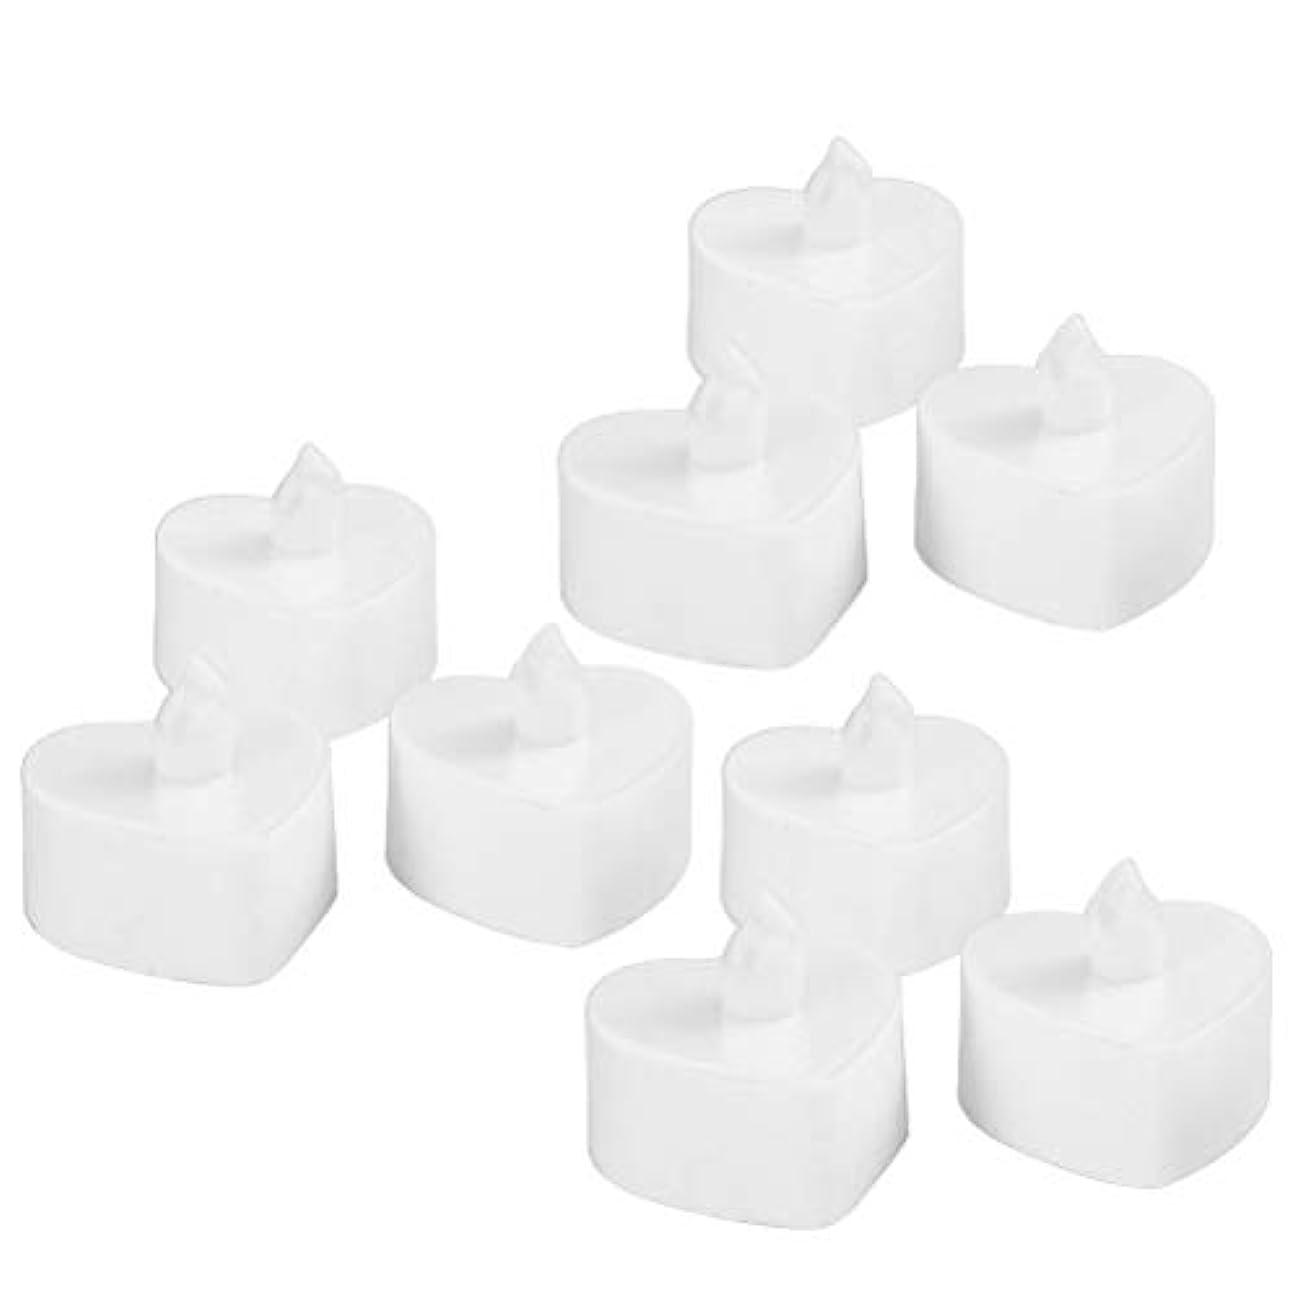 お別れバレル命令BESTOYARD 10個無炎キャンドルバッテリーは、キャンドルの結婚式のパーティーフェスティバルの装飾(白いシェル黄色の光)